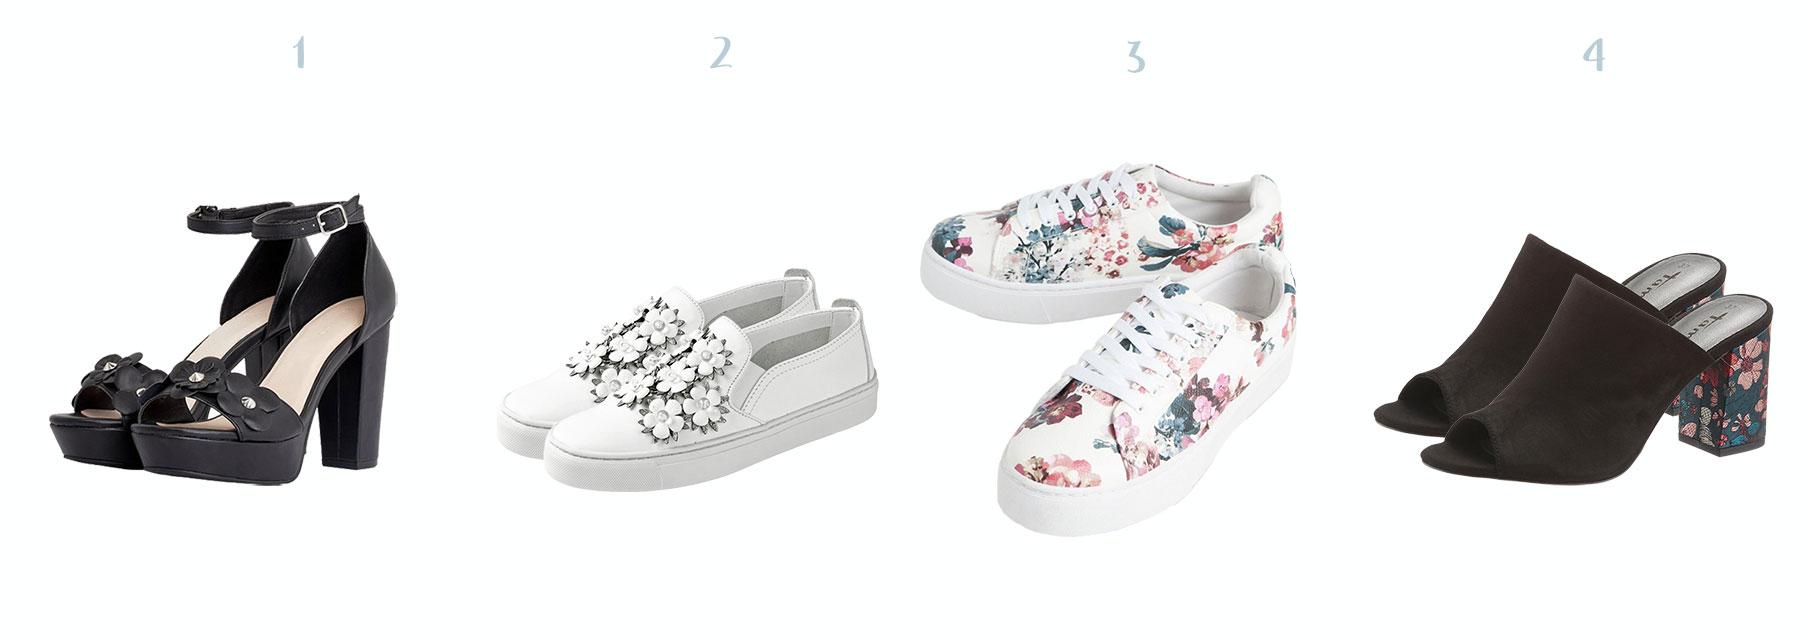 bloemenprint schoenen